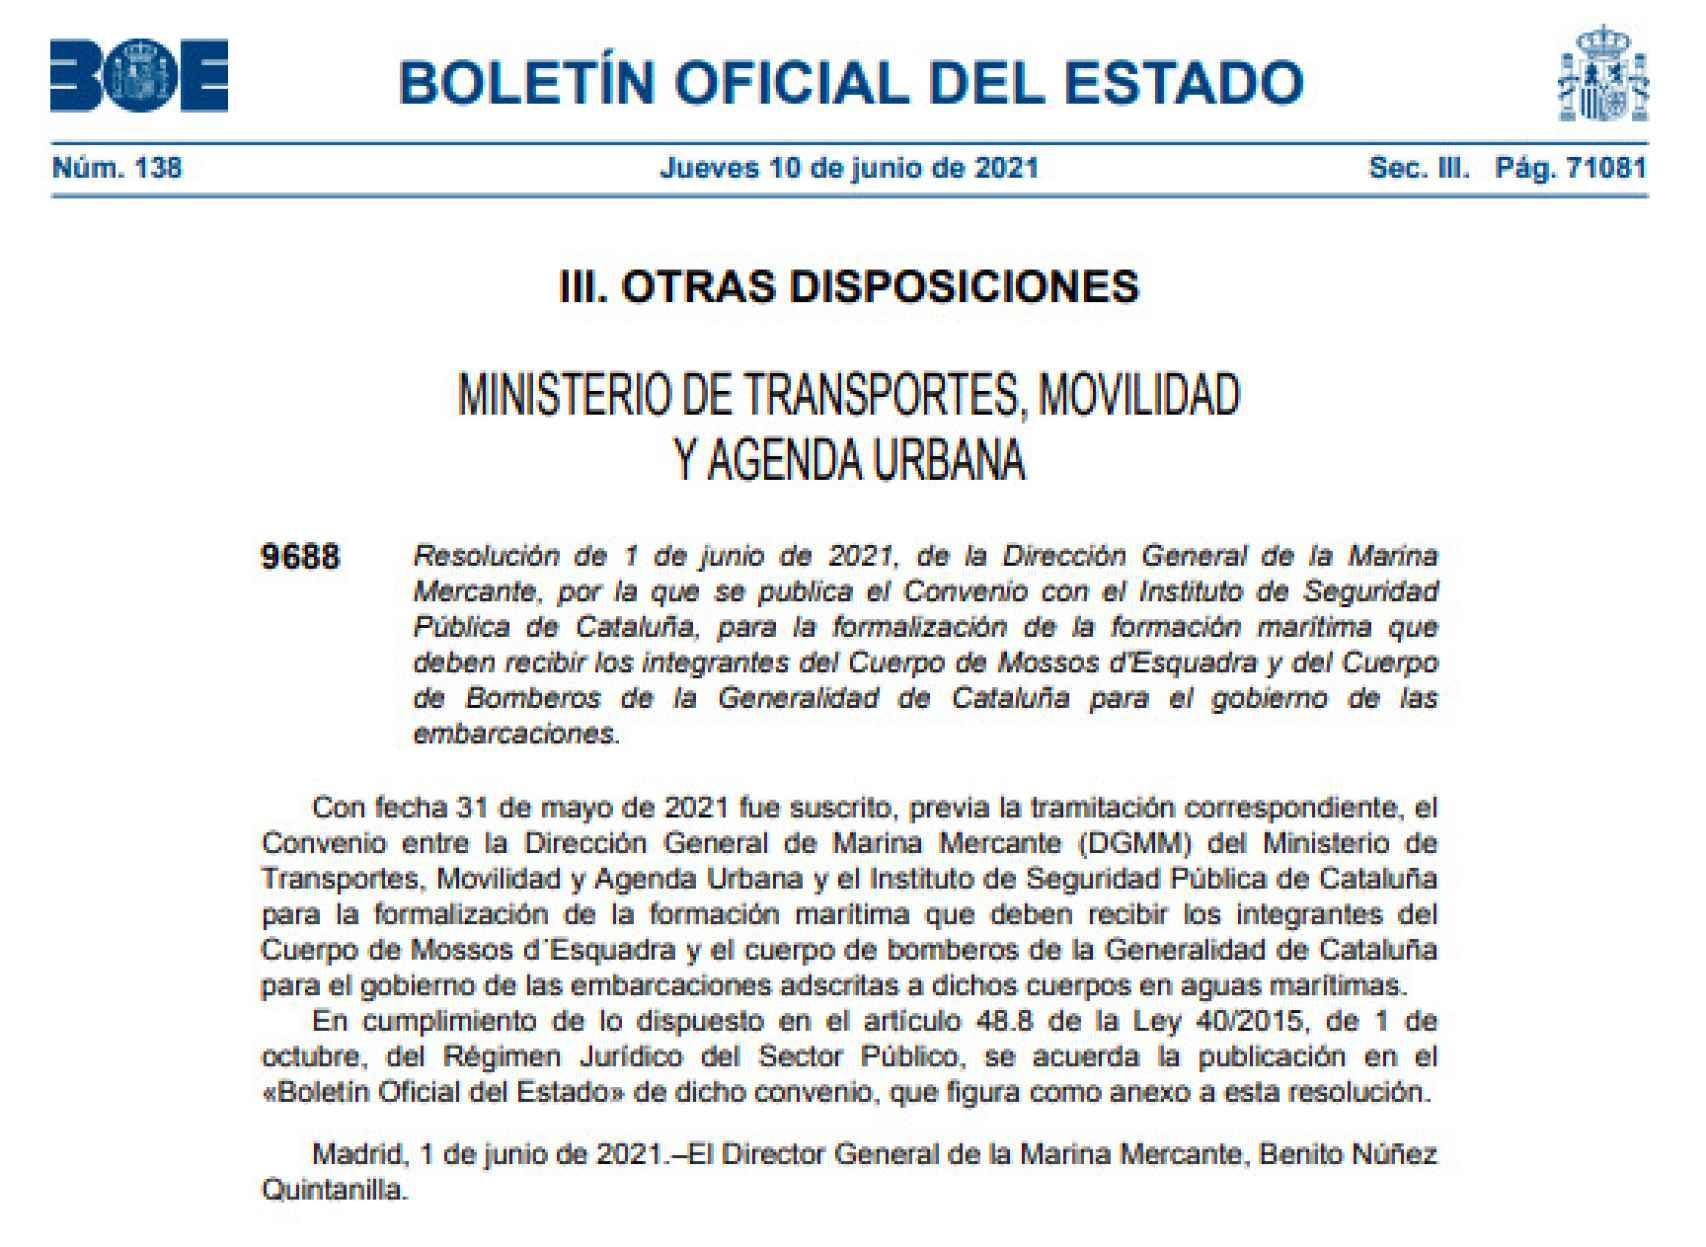 Resolución publicada el pasado 10 de junio en el BOE.